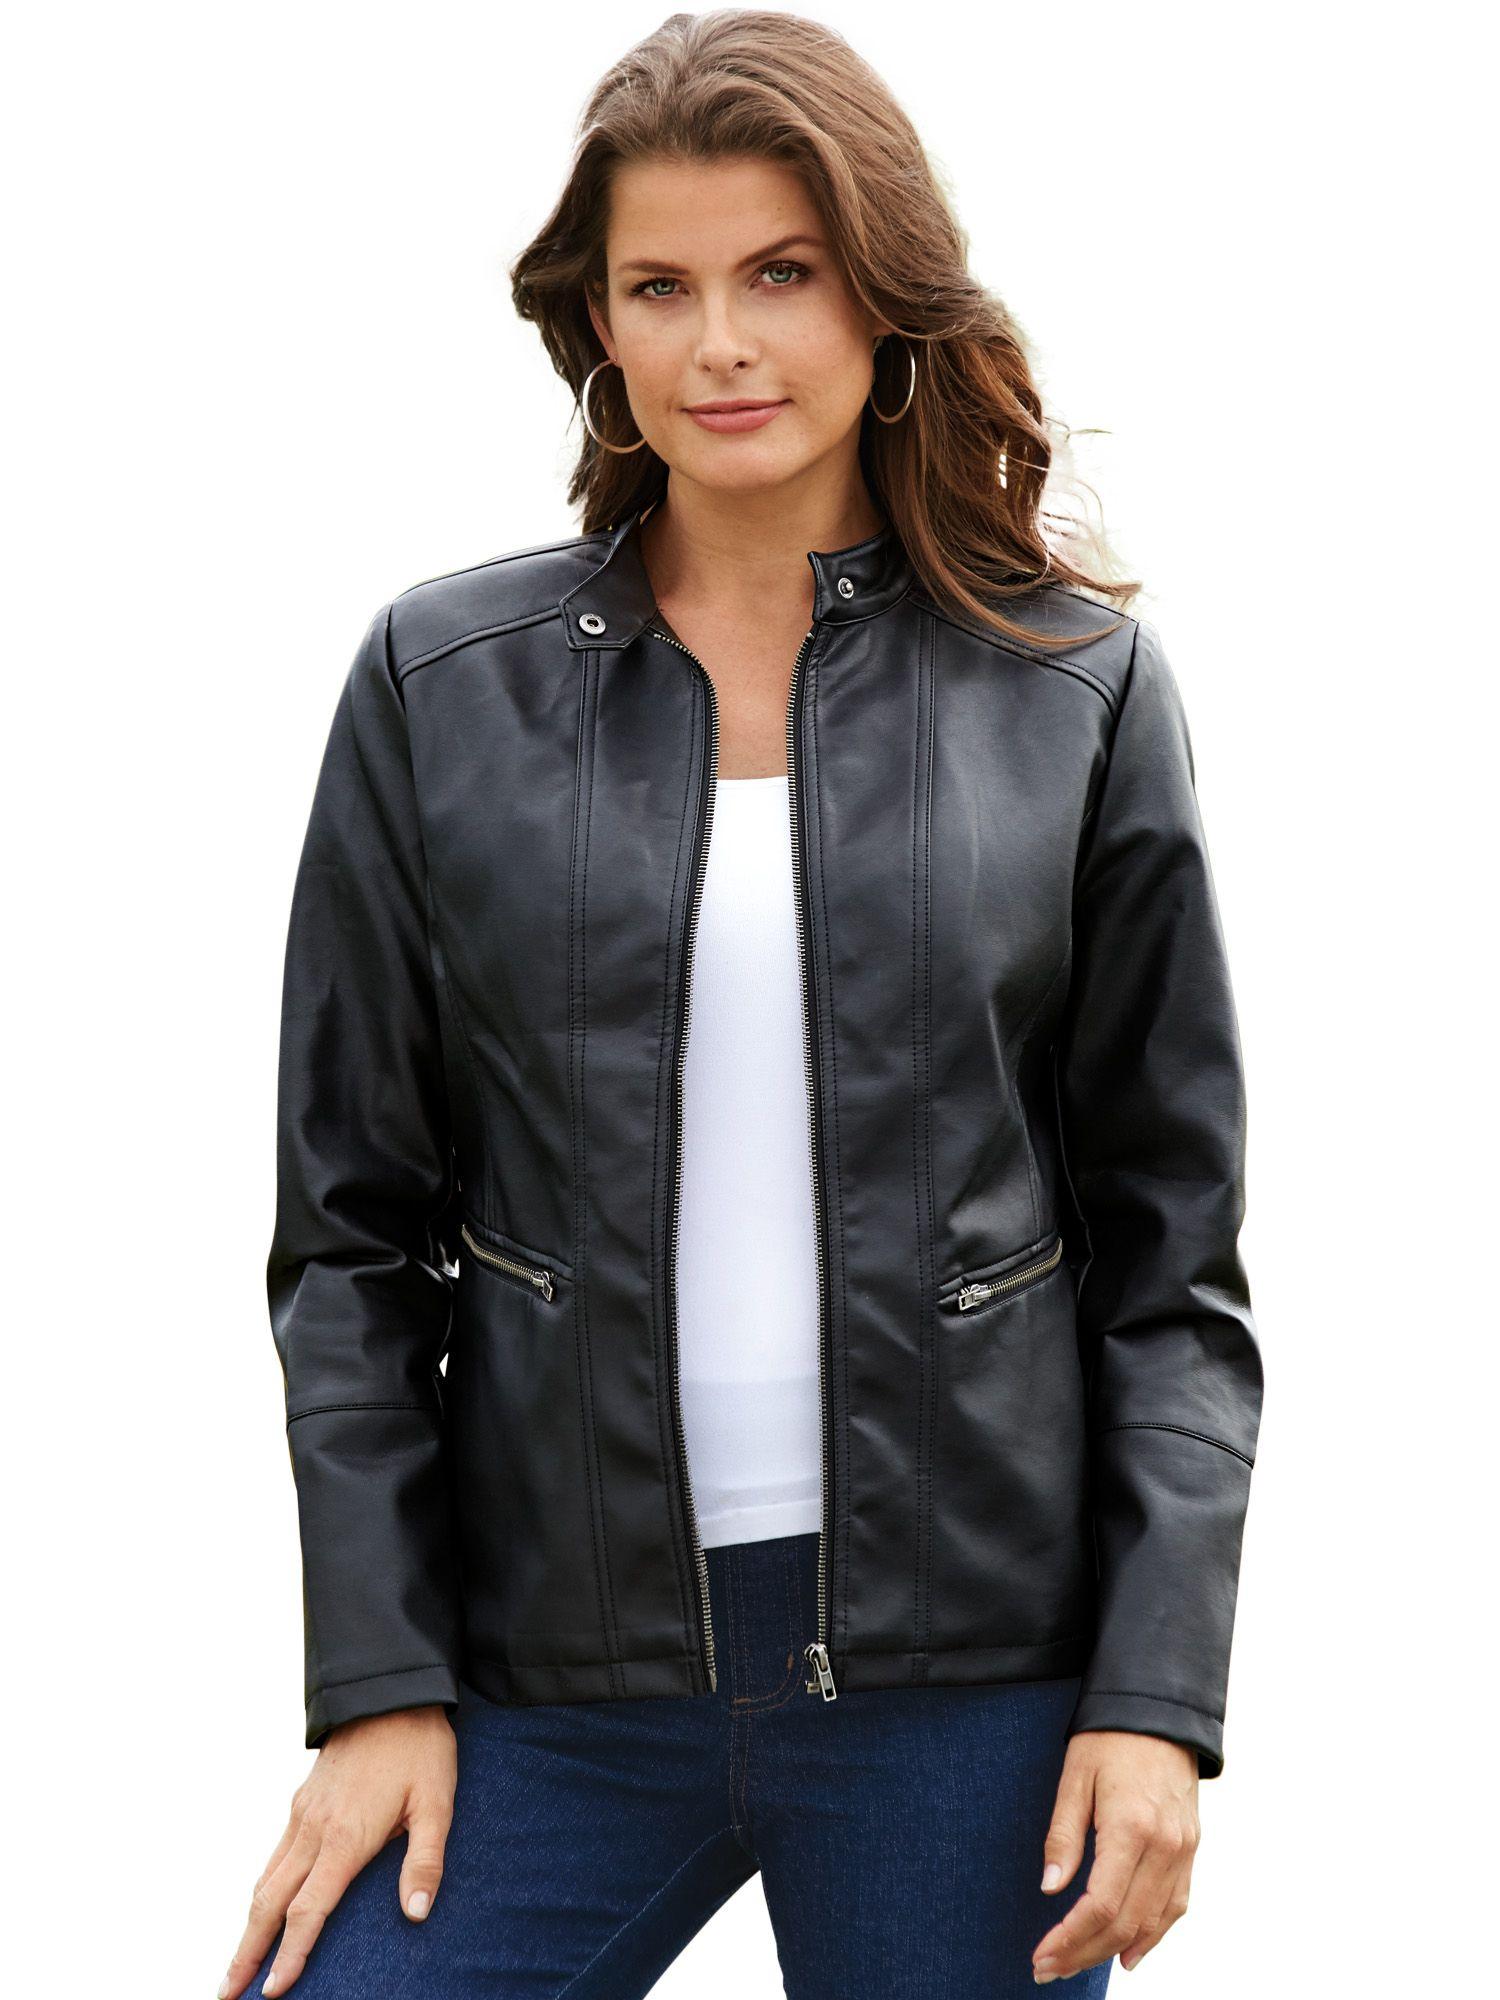 Haband - Women's Faux Leather Moto Jacket